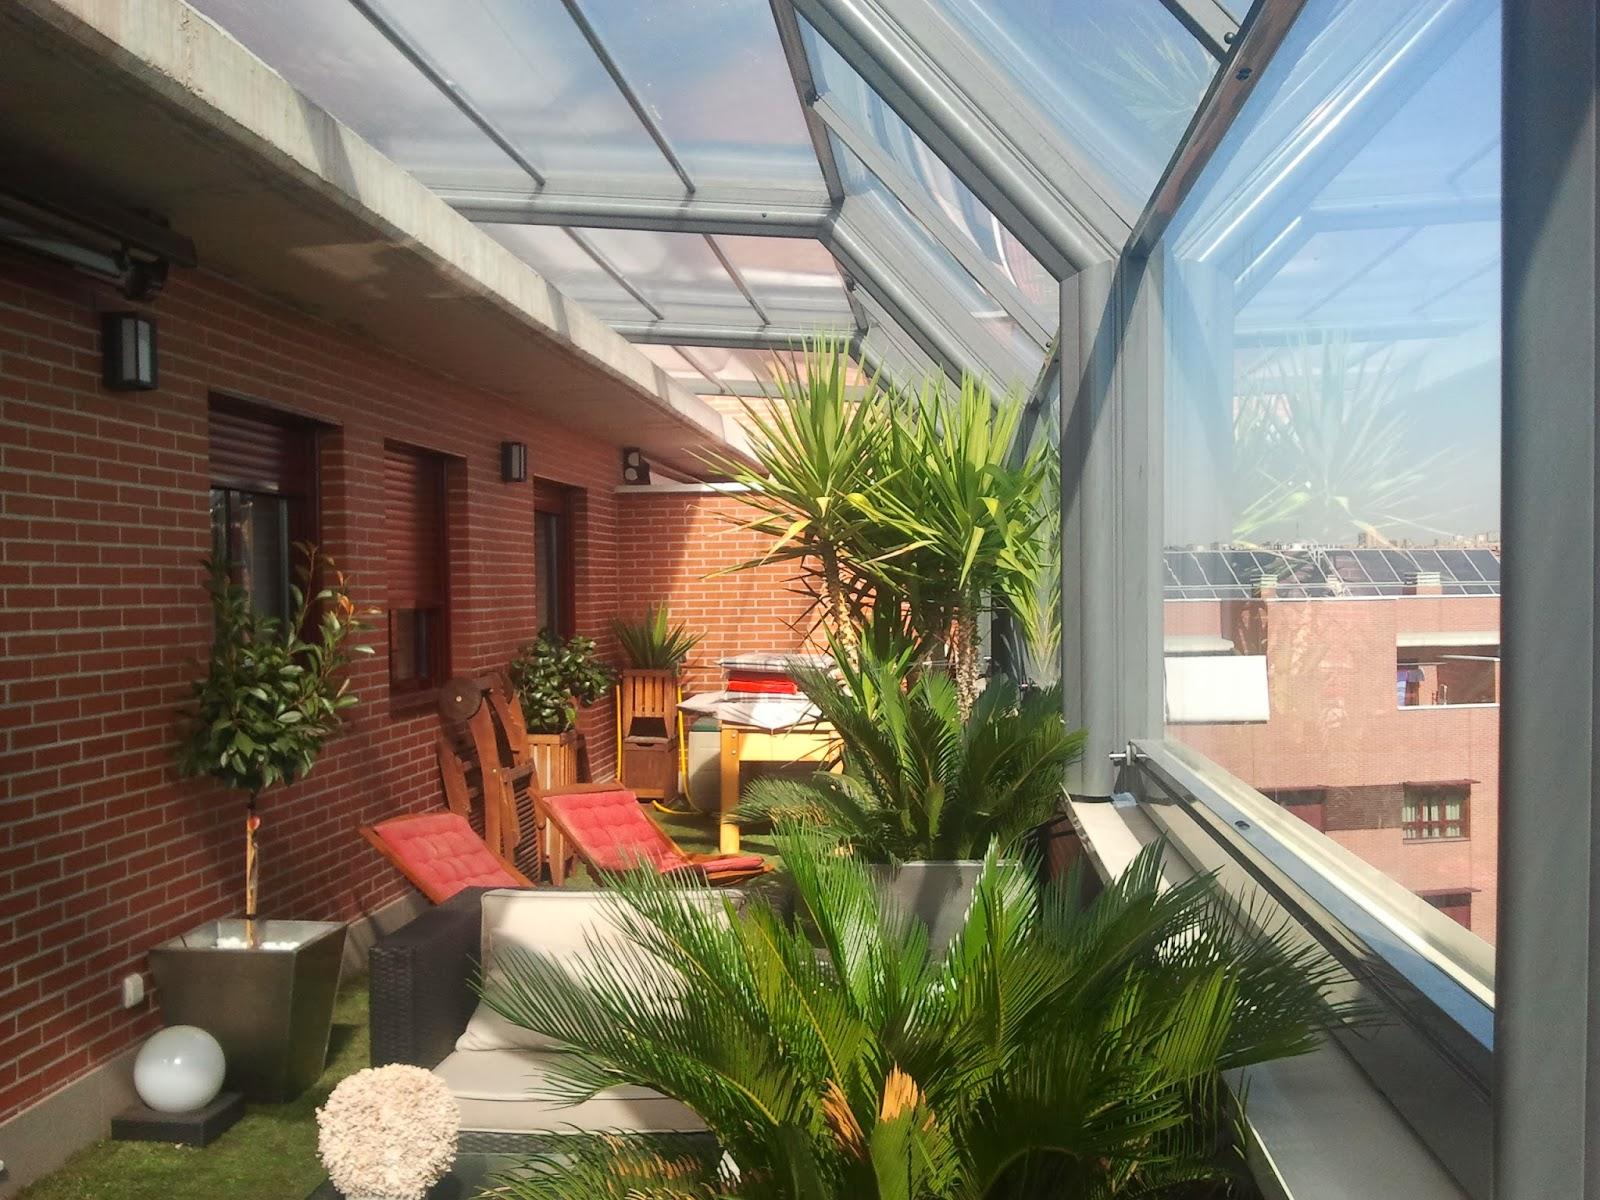 Cubiertas de piscinas aqbierta cierres de terrazas - Cierres de terrazas ...